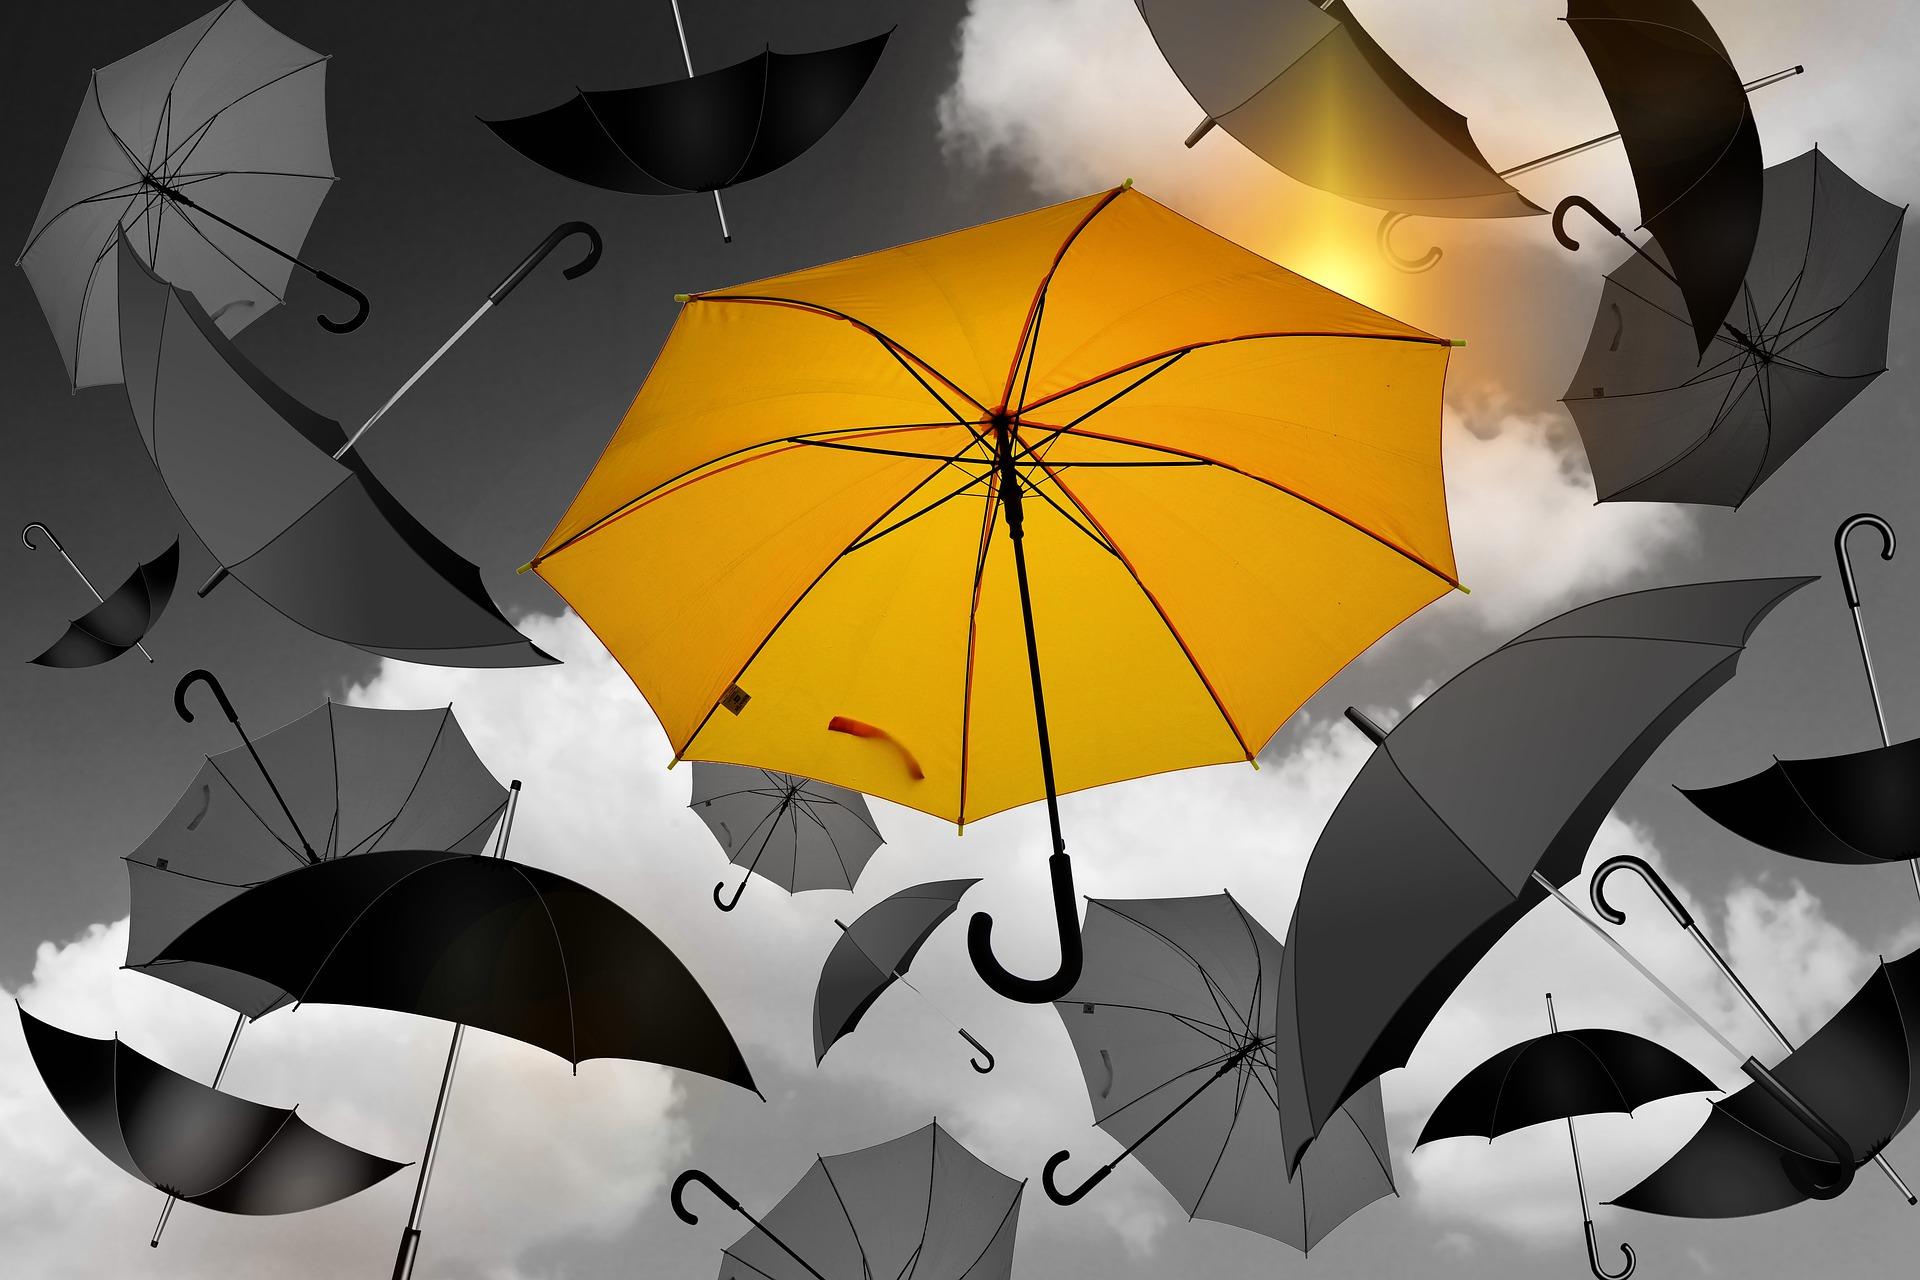 Excess & Umbrella